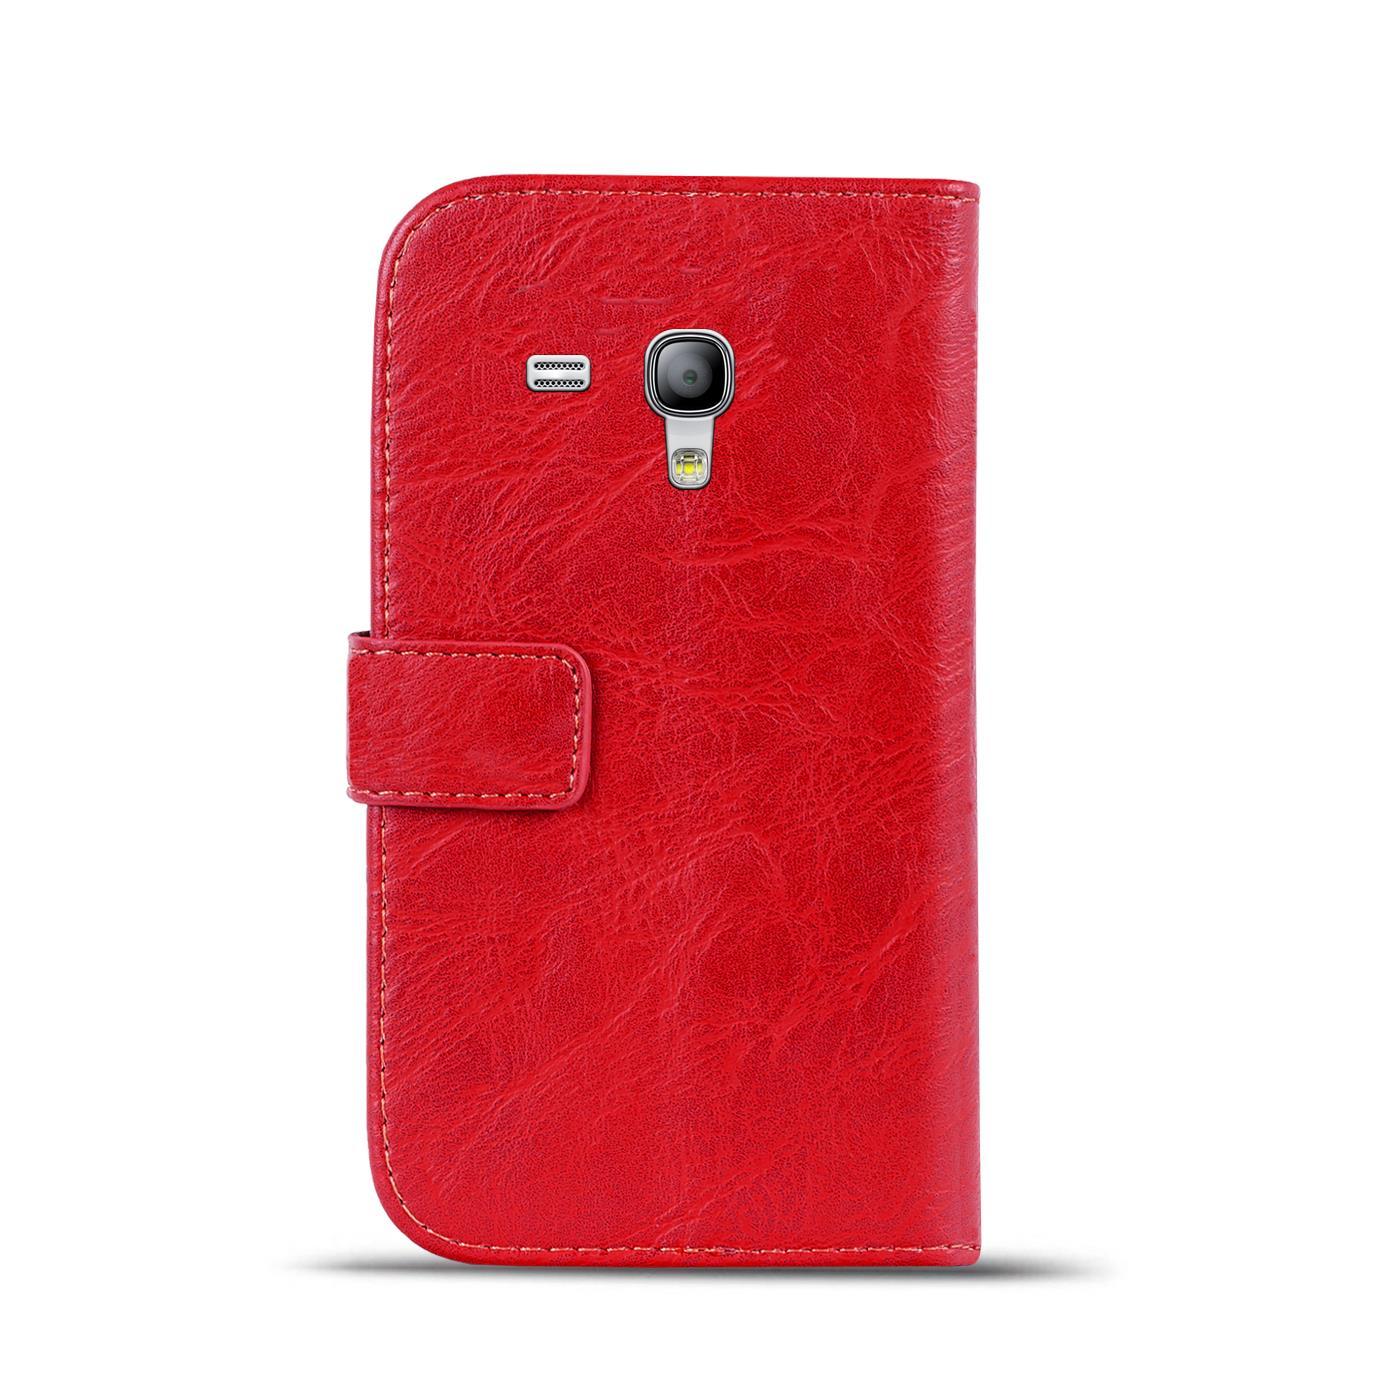 Klapphuelle-Samsung-Galaxy-S3-Mini-Huelle-Schutzhuelle-Wallet-Cover-Flip-Case Indexbild 22